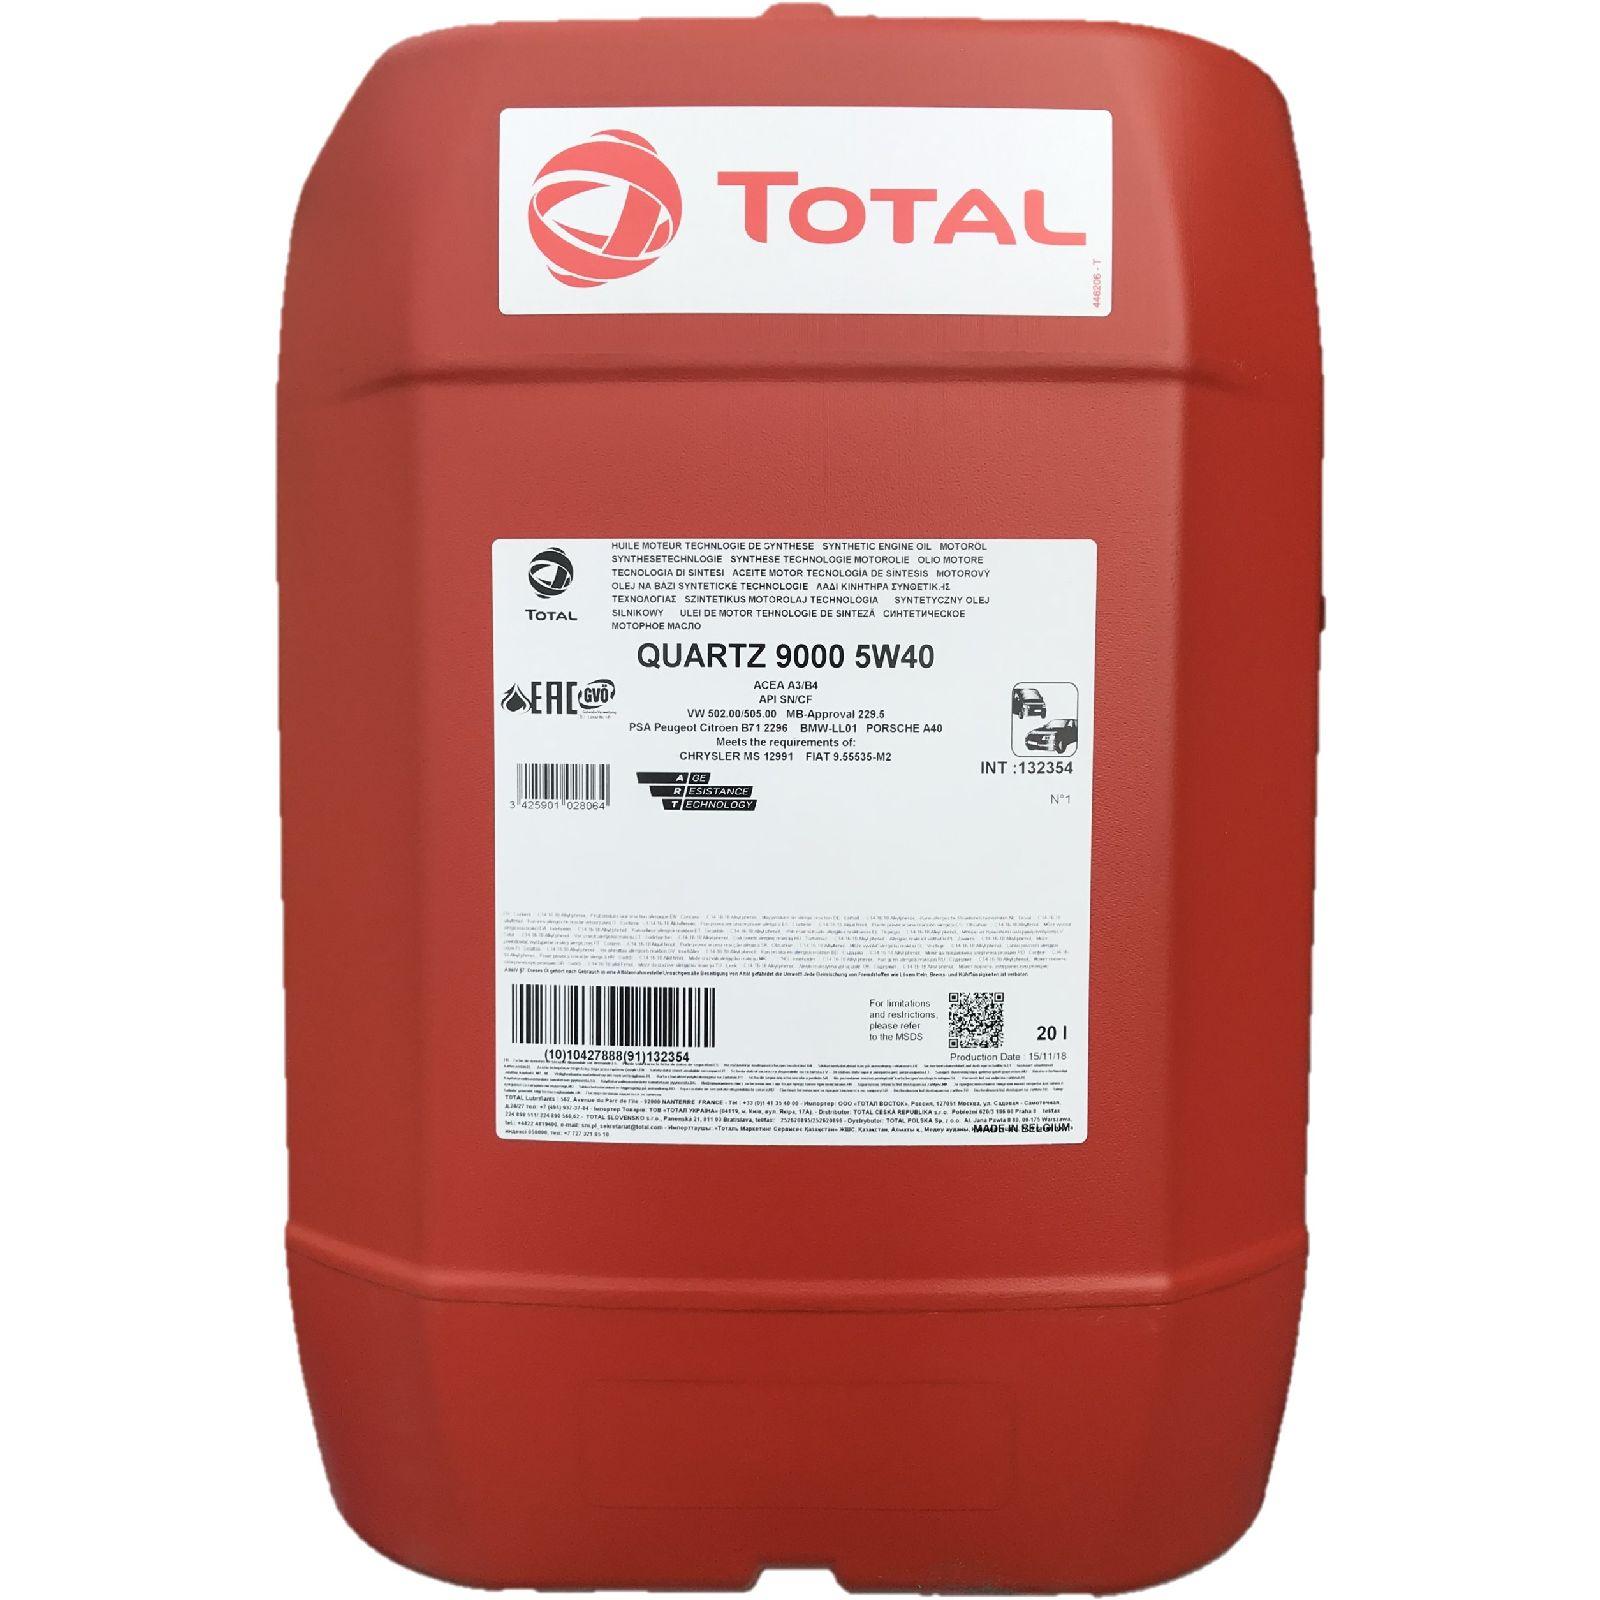 20 Liter TOTAL Quartz 9000 5W-40 Motoröl